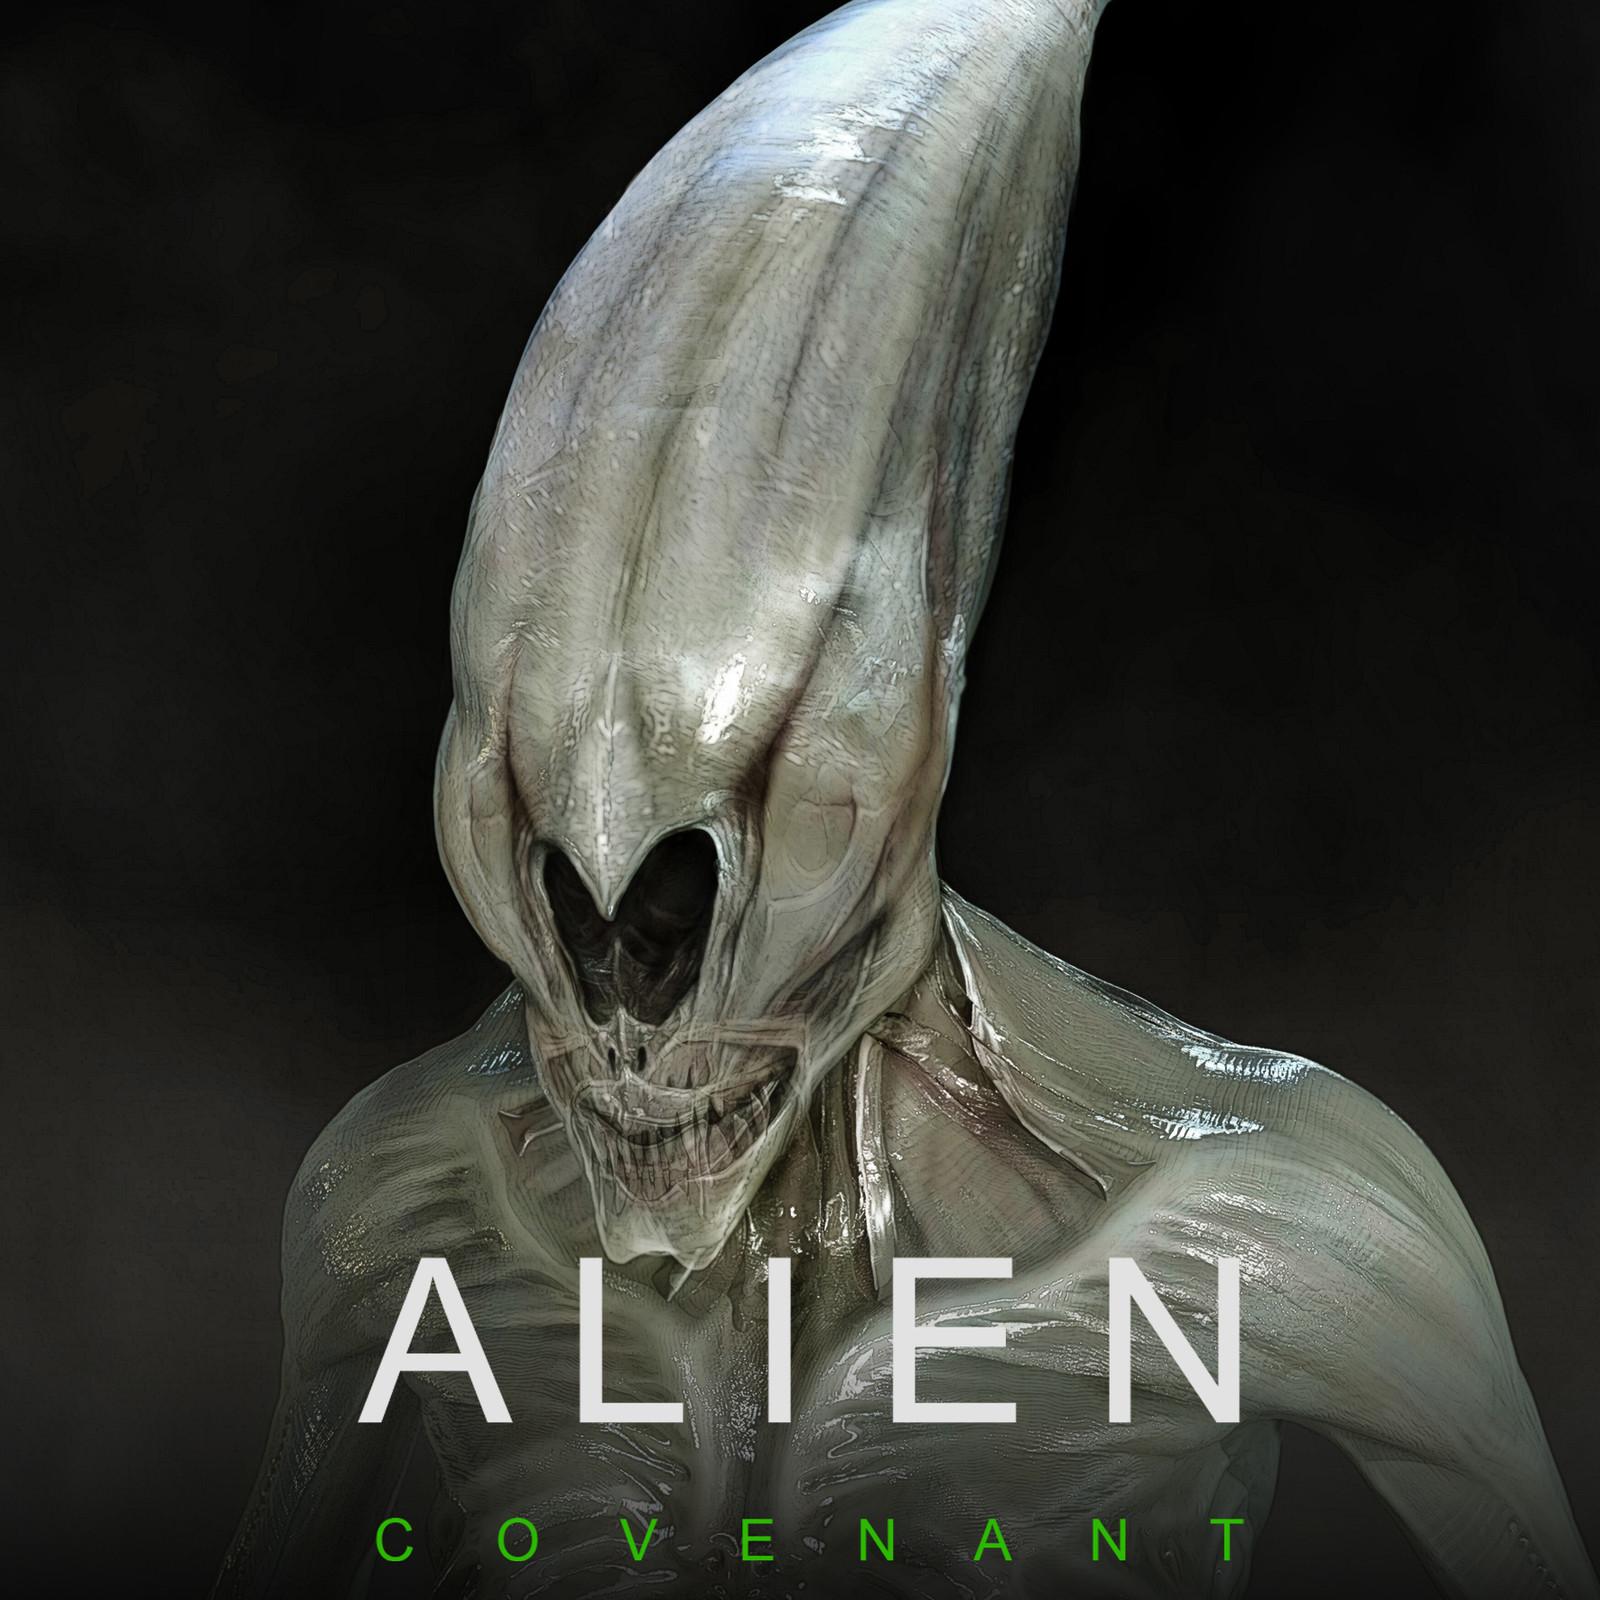 Early Neomorph Concept Art for Ridley Scott's Alien Covenant